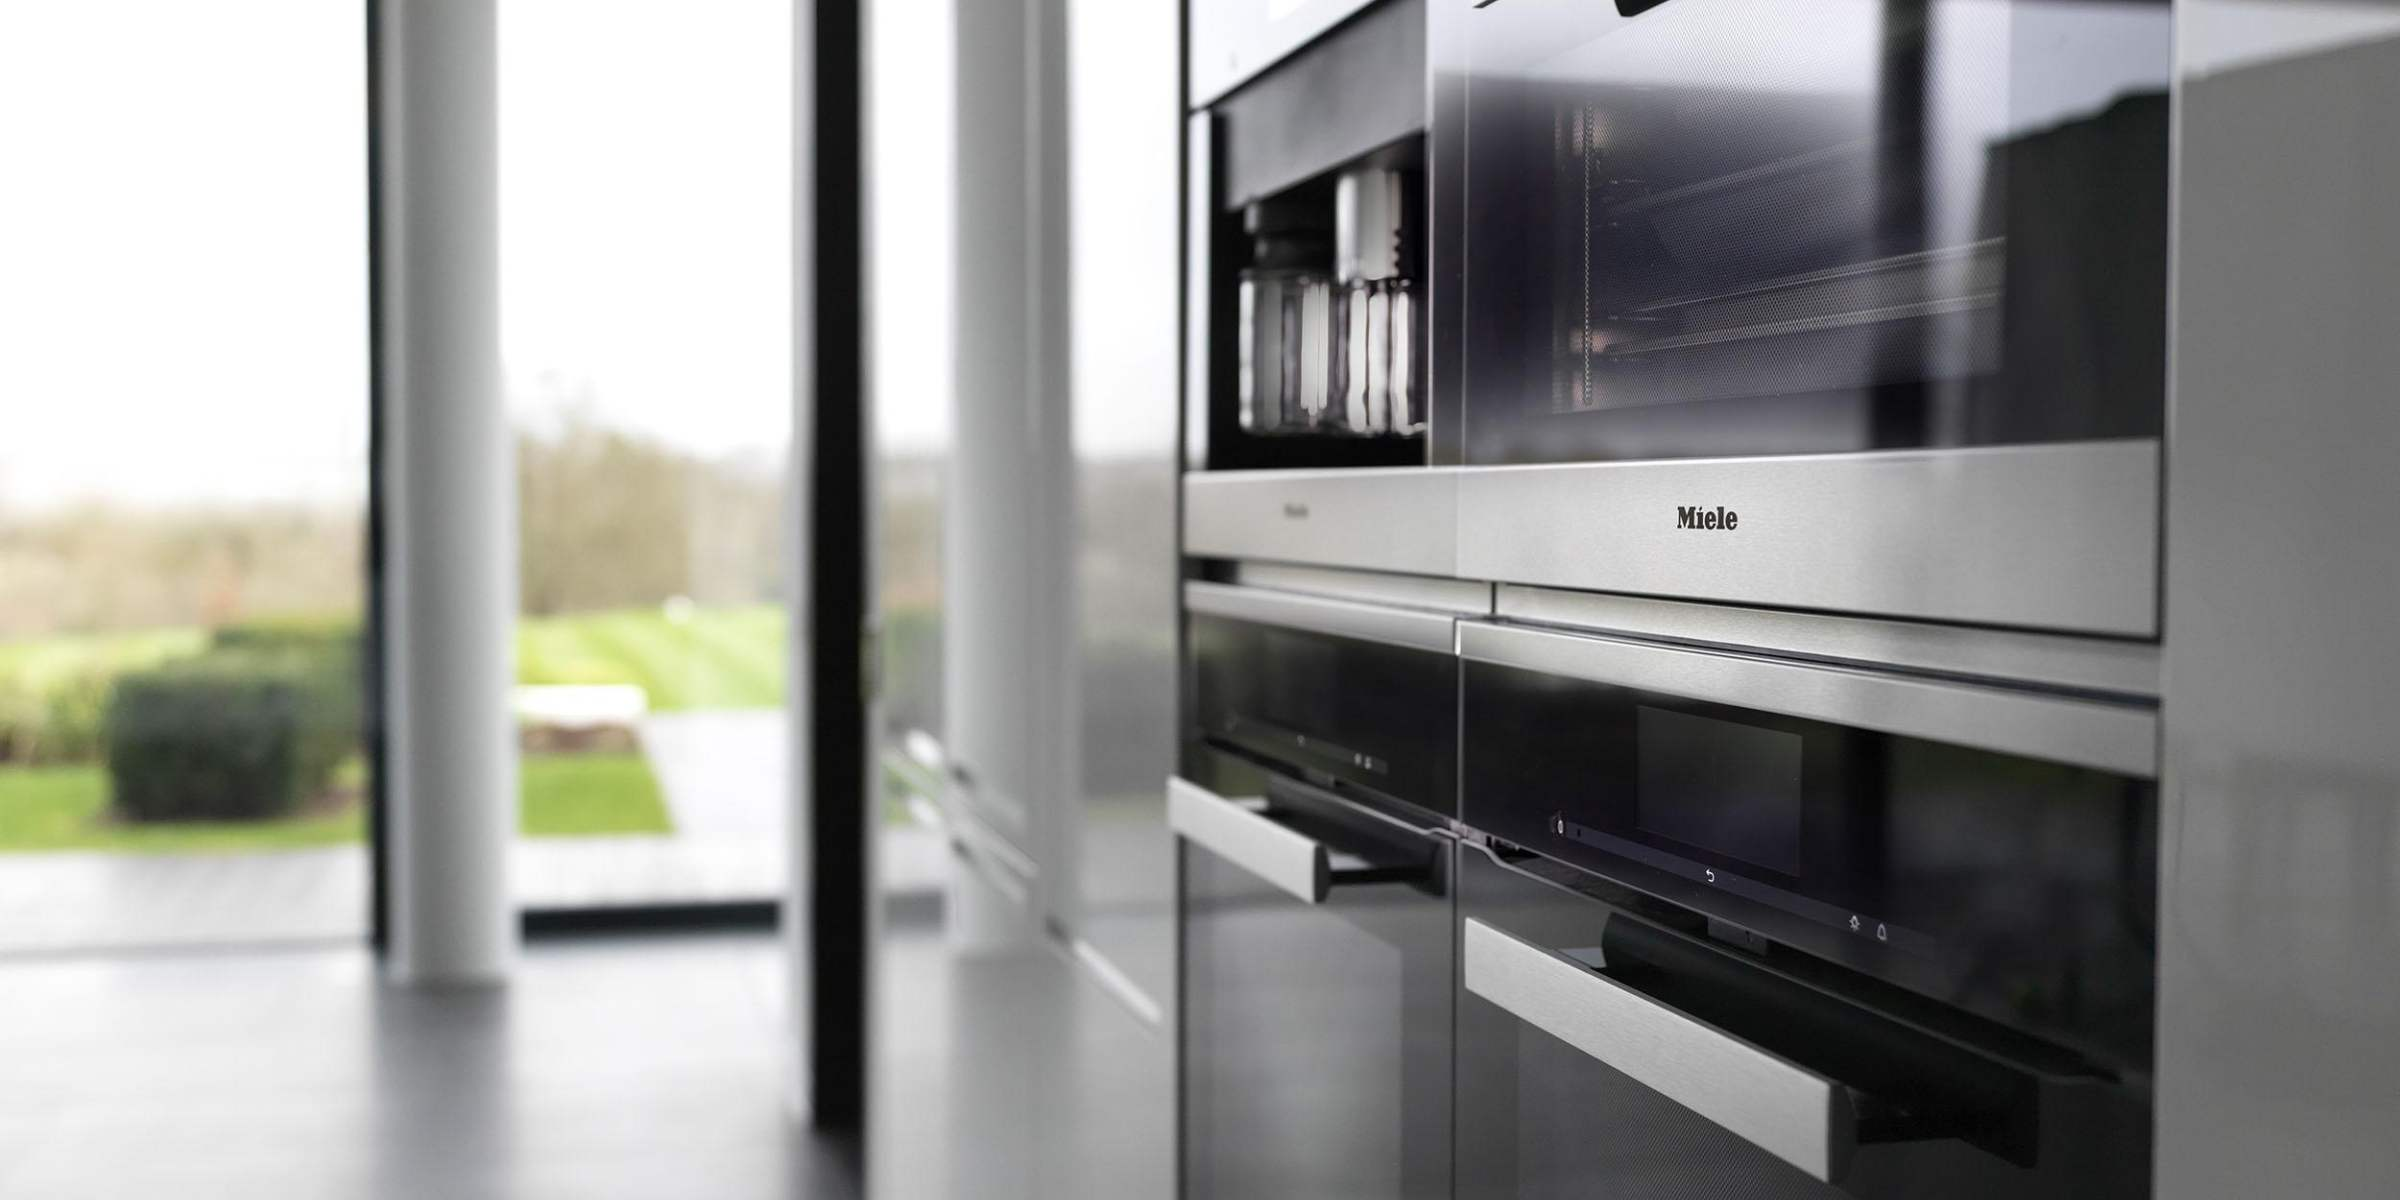 miele kitchen appliances cod kitchen appliances. Black Bedroom Furniture Sets. Home Design Ideas